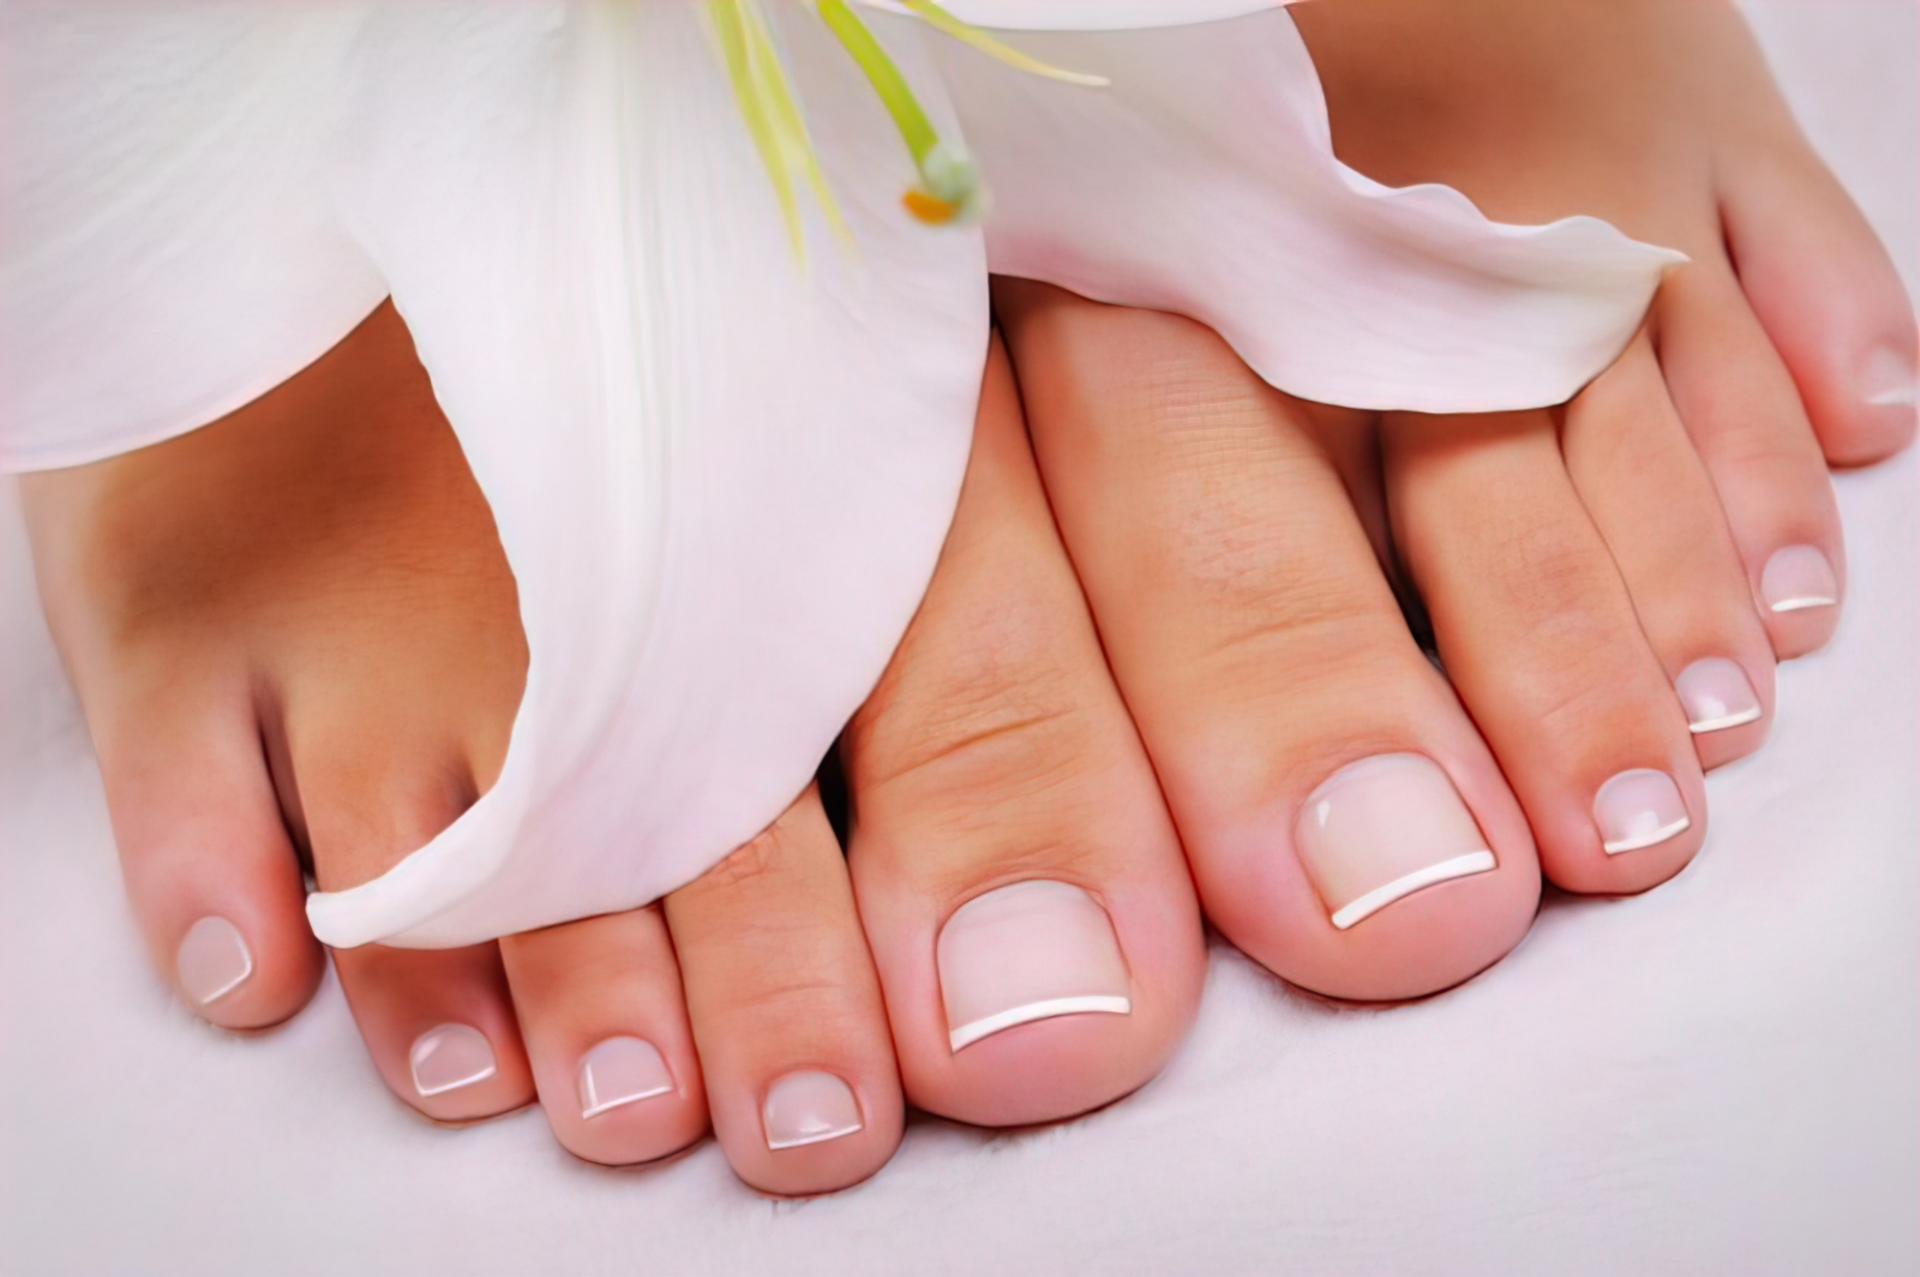 Как следить за ногтями и кожей на ногах: практические рекомендации